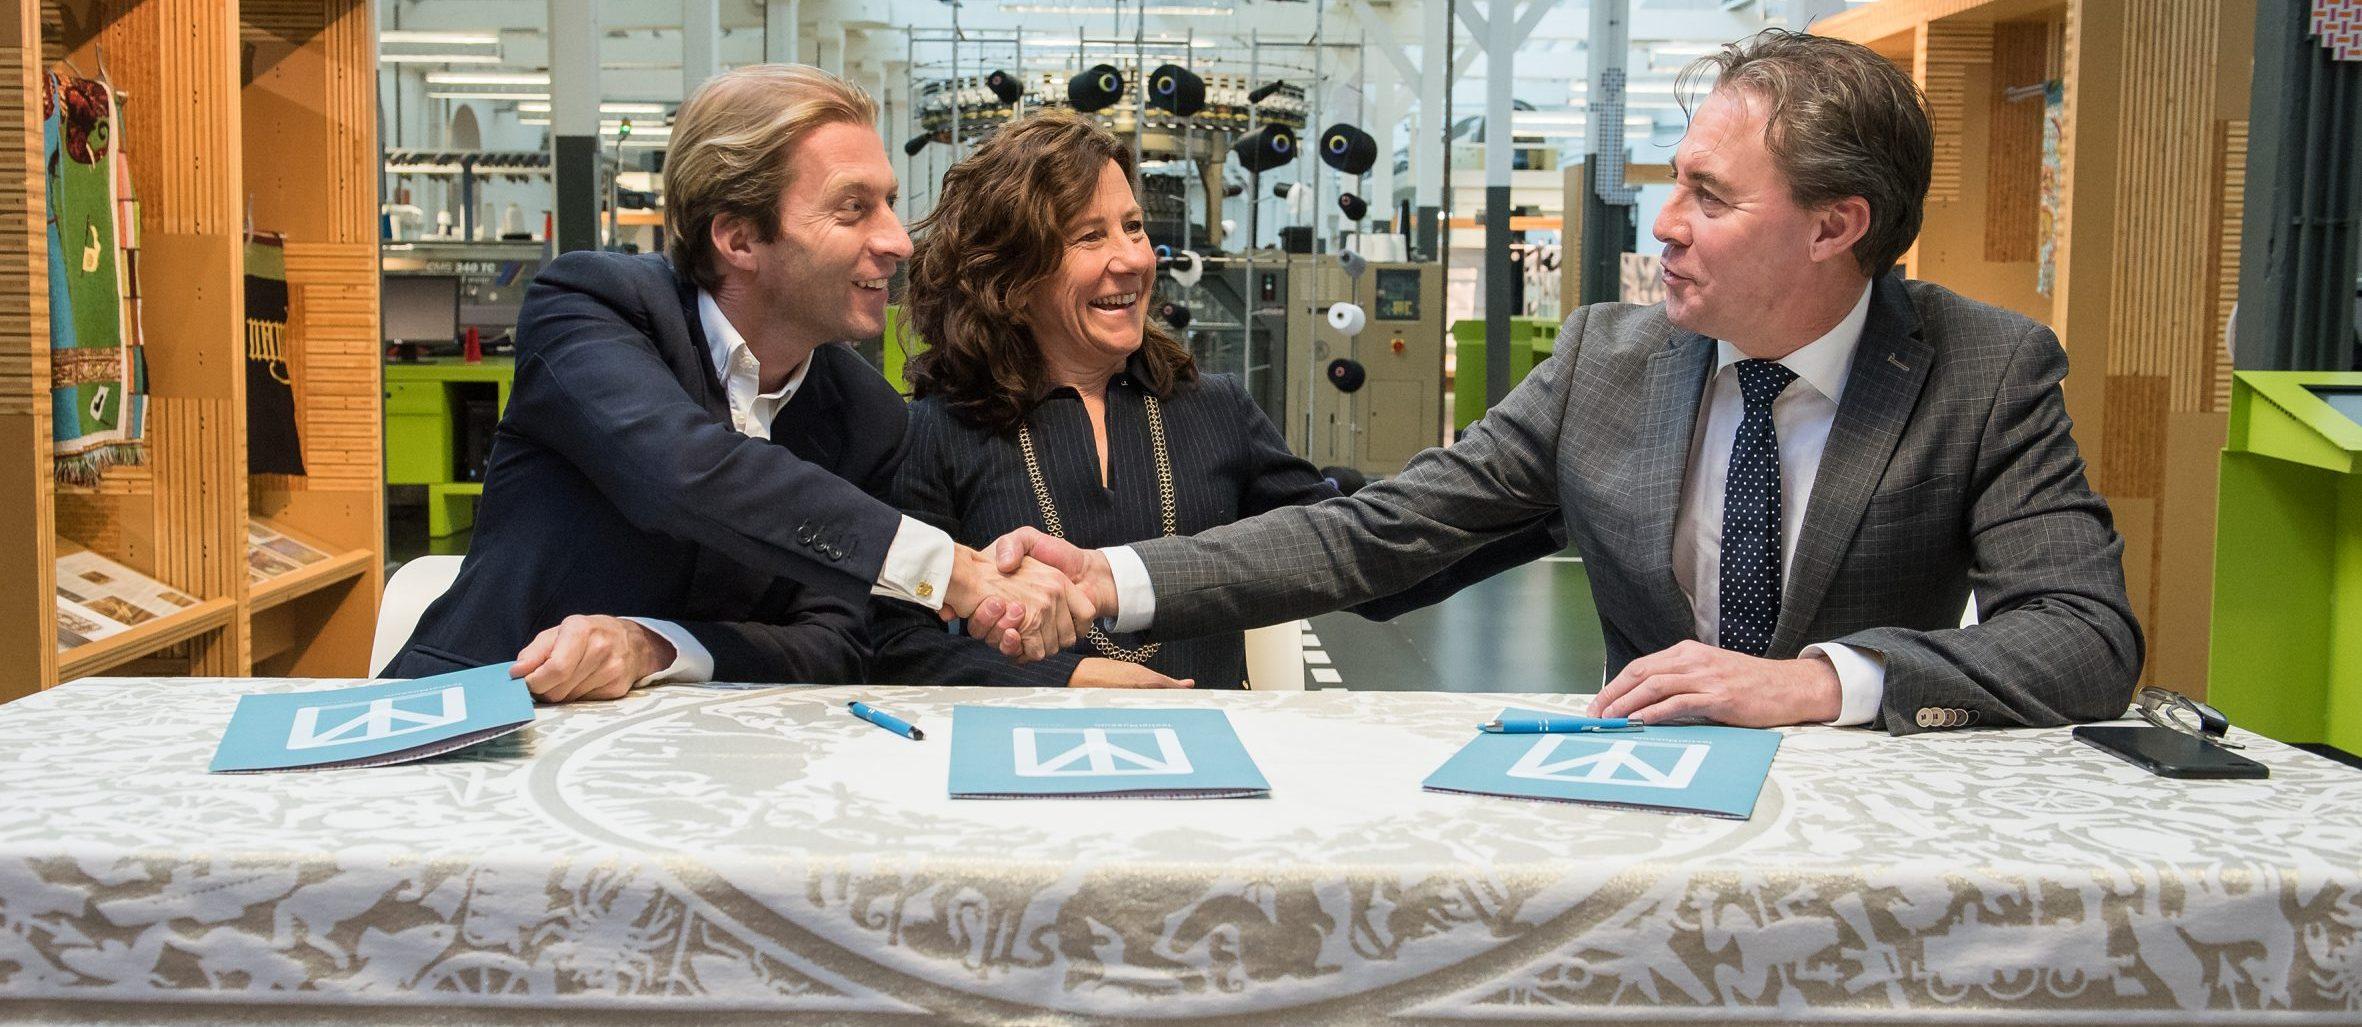 Wethouder Marcelle Hendrickx en directeur Errol van de Werdt